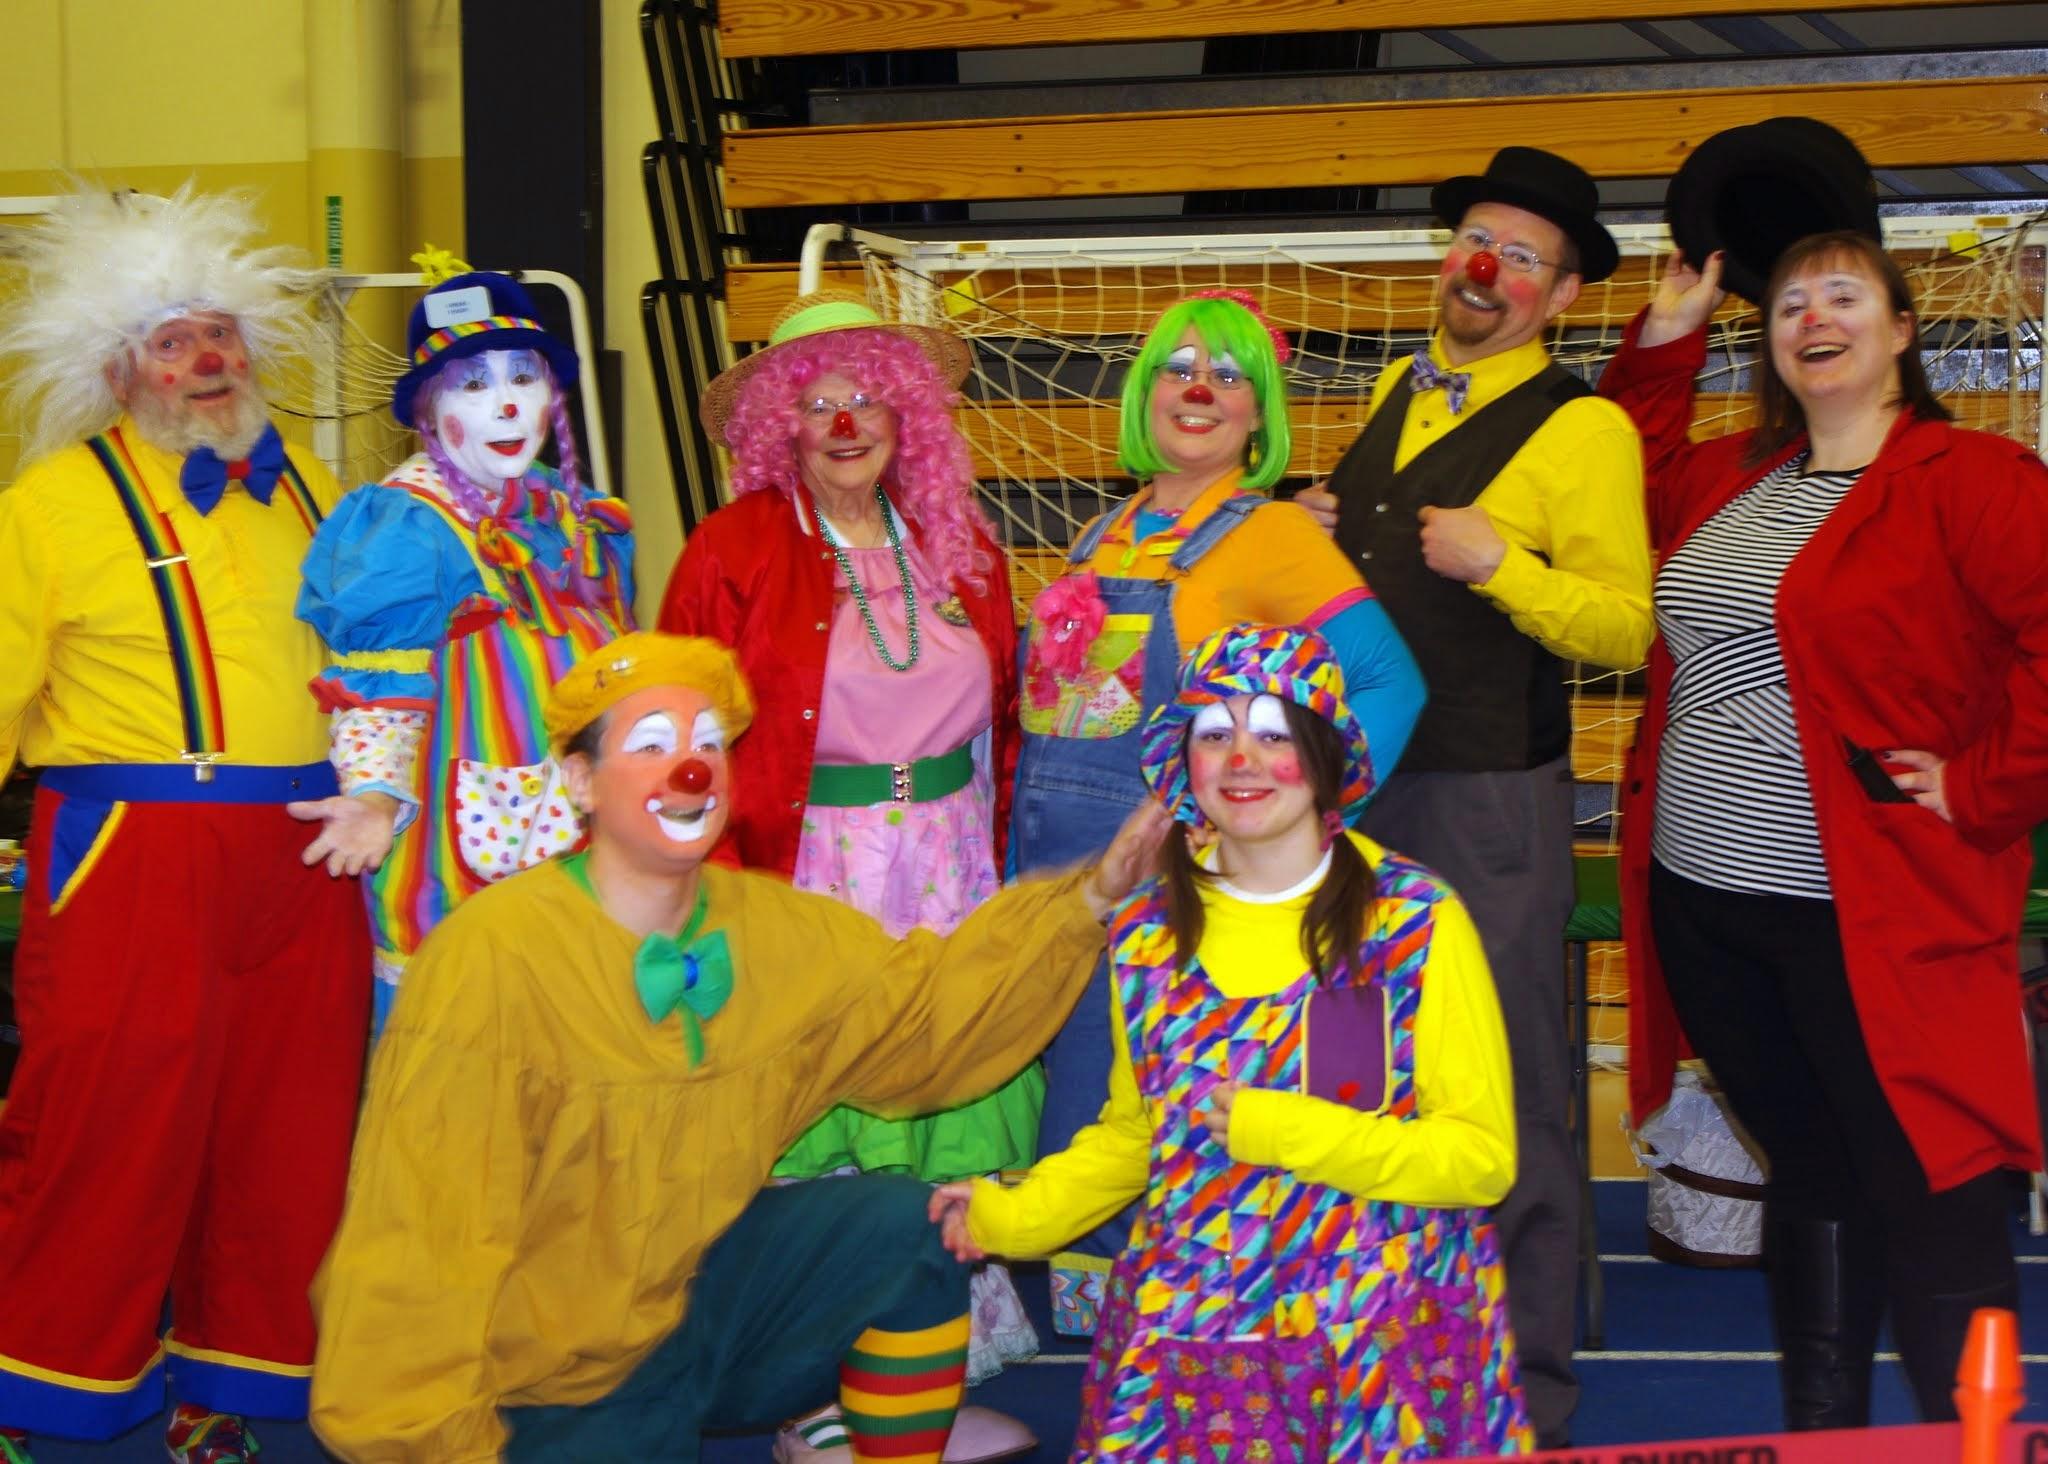 Clown Roundup members